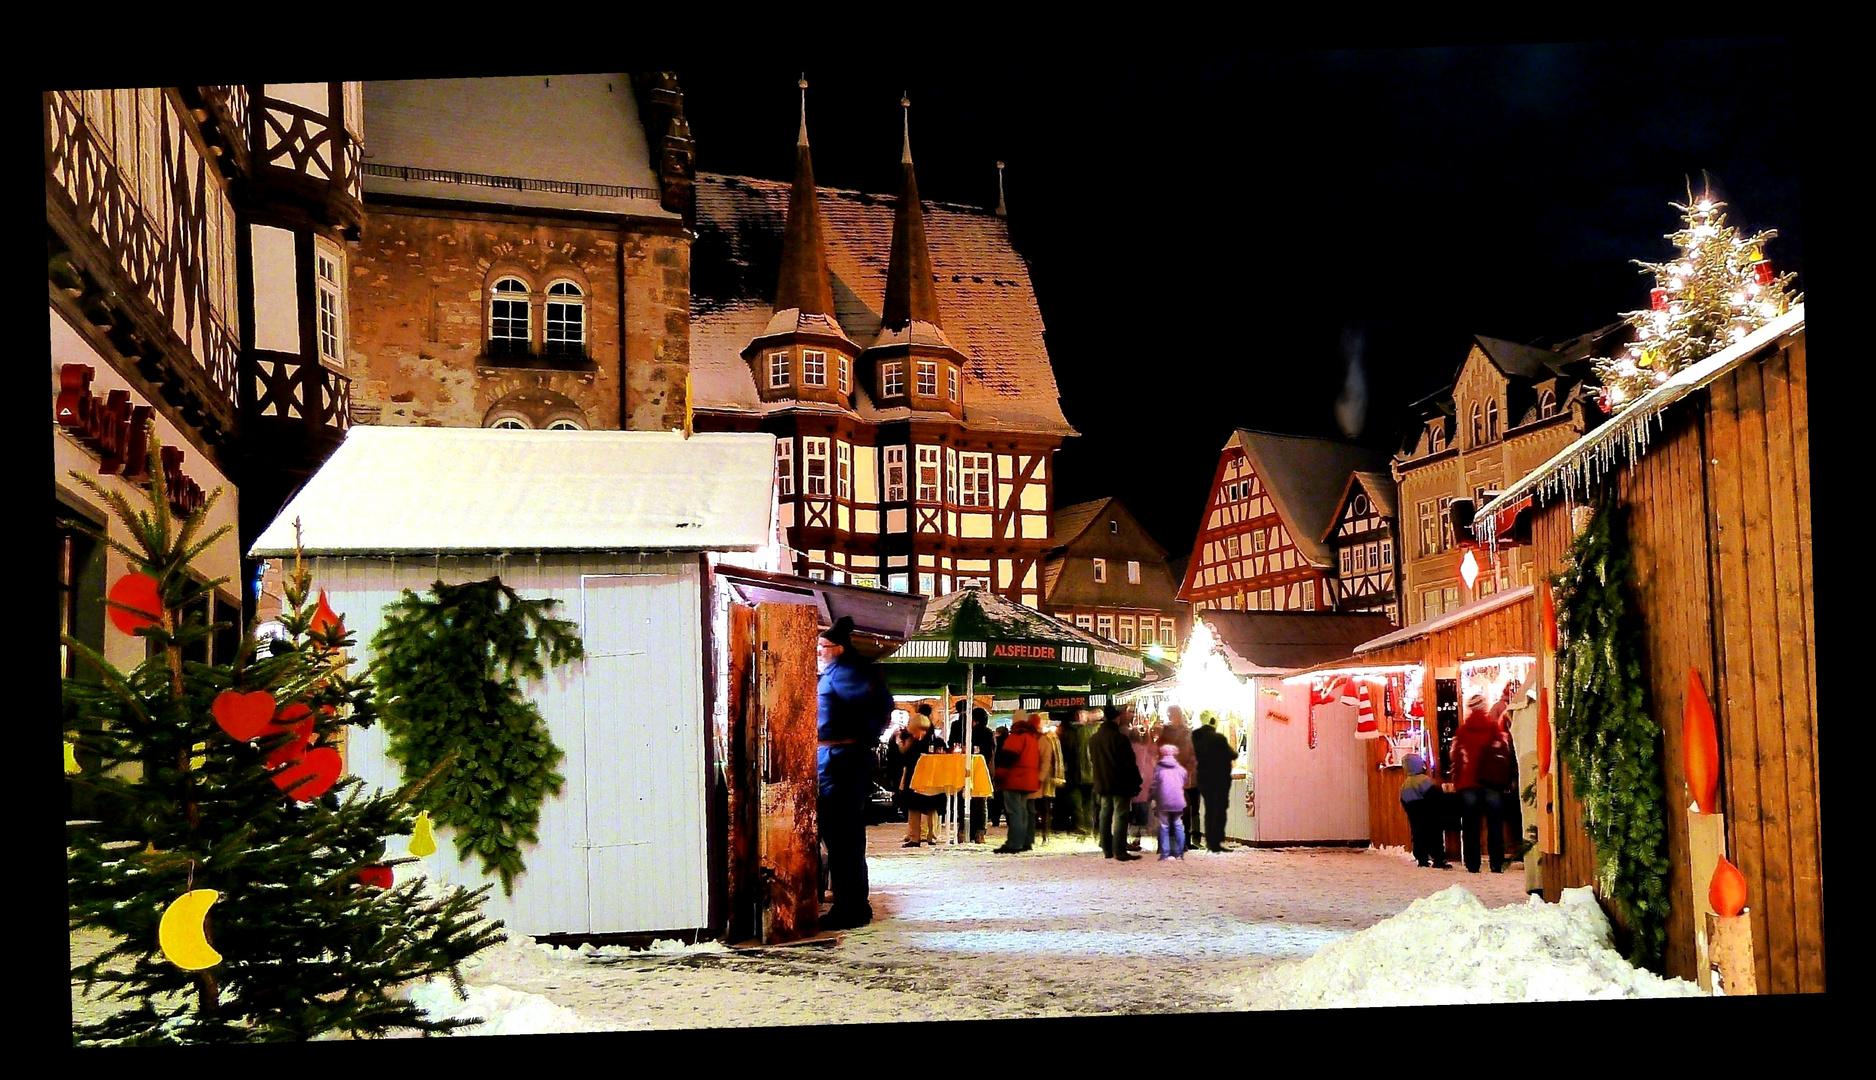 Alsfeld Weihnachtsmarkt.Weihnachtsmarkt In Alsfeld Foto Bild Architektur Architektur